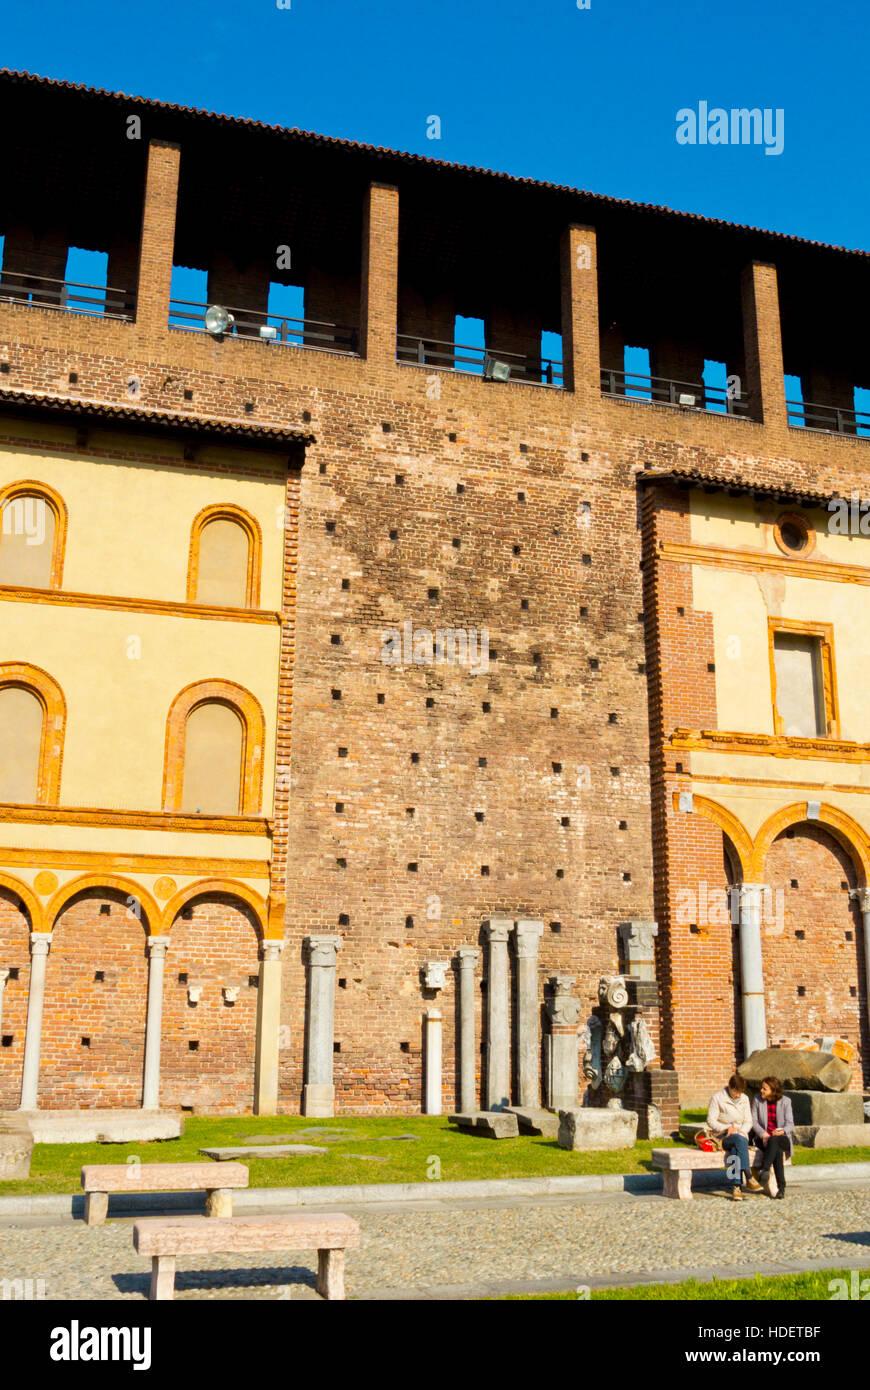 Cortillo delle Armi, Castello Sforzesco, Parco Sempione, Milan, Lombardy, Italy - Stock Image